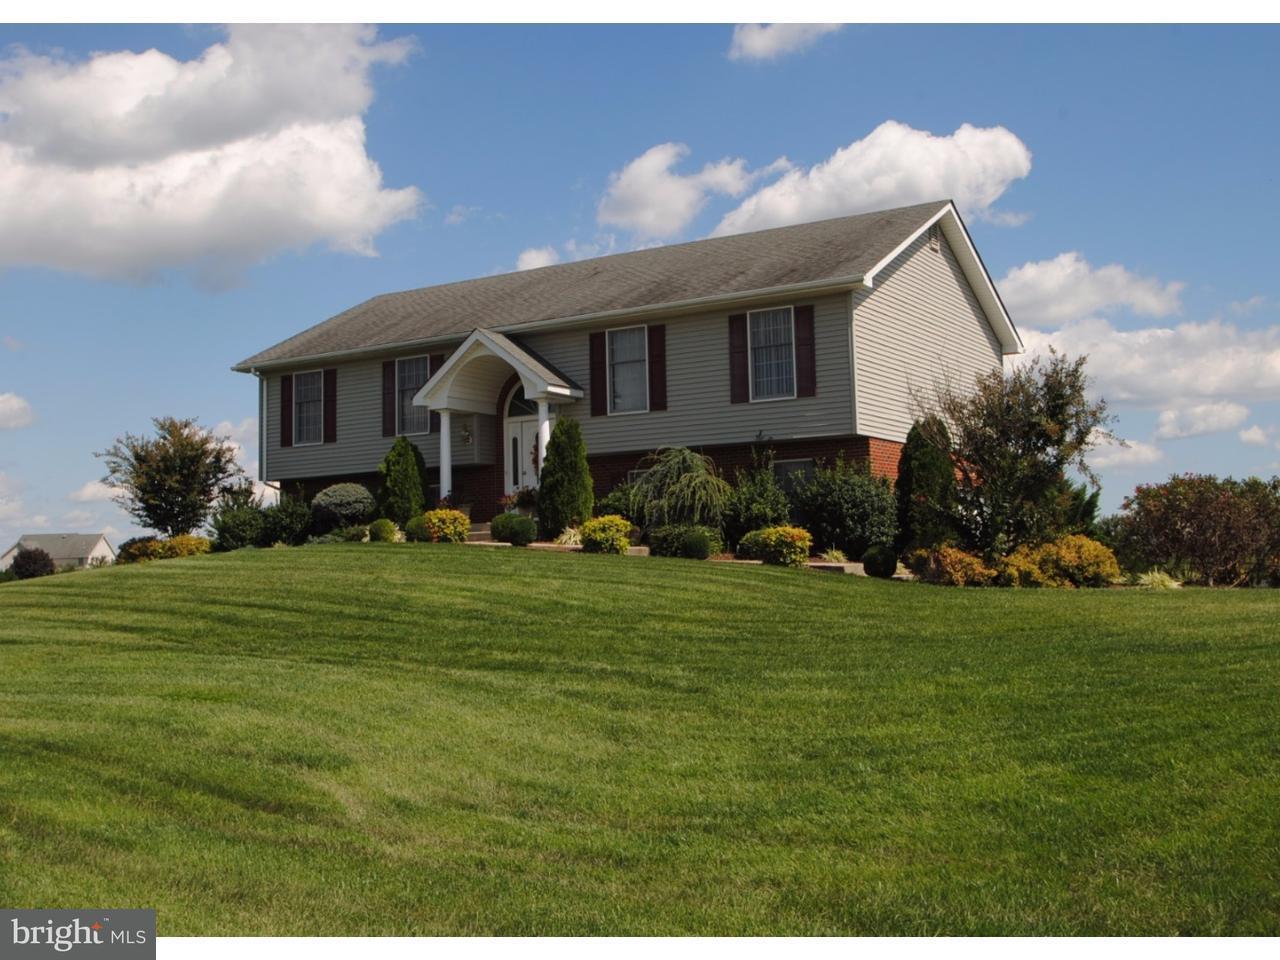 一戸建て のために 売買 アット 315 WINDSONG Drive Clayton, デラウェア 19938 アメリカ合衆国